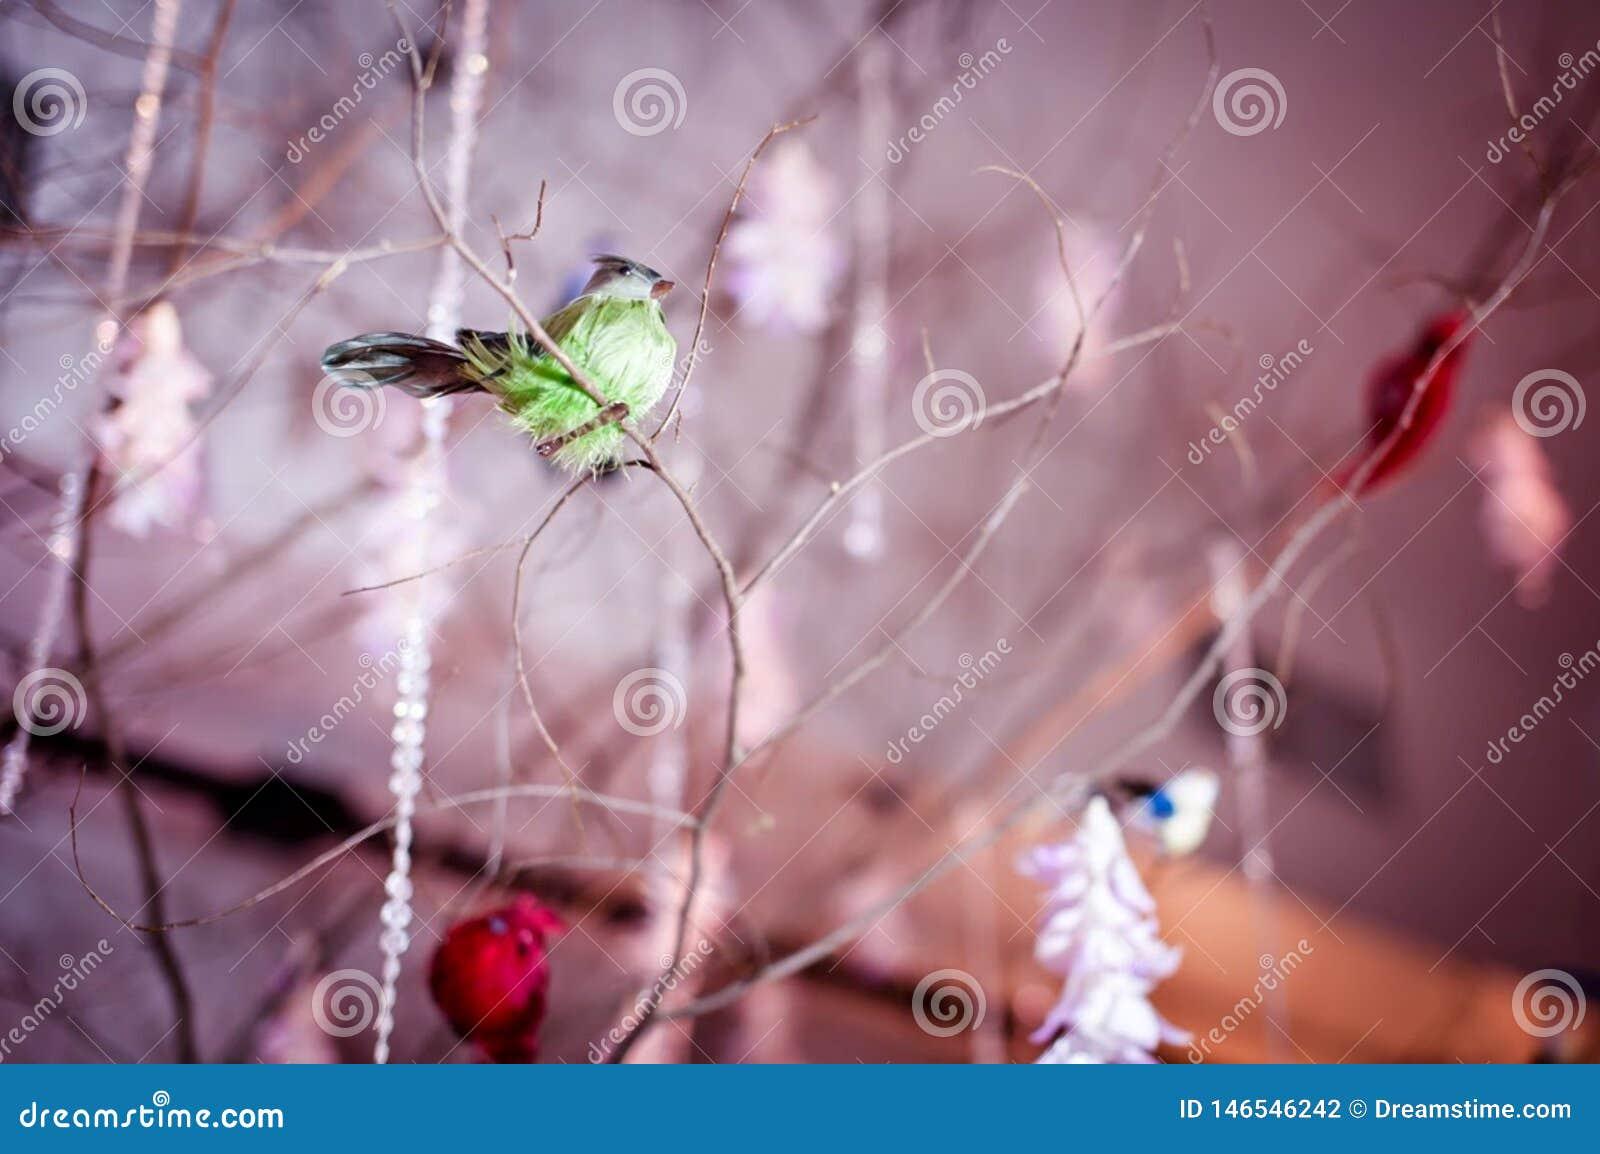 Decoraciones creativas del lugar que se casan con los pájaros que localizan en el árbol